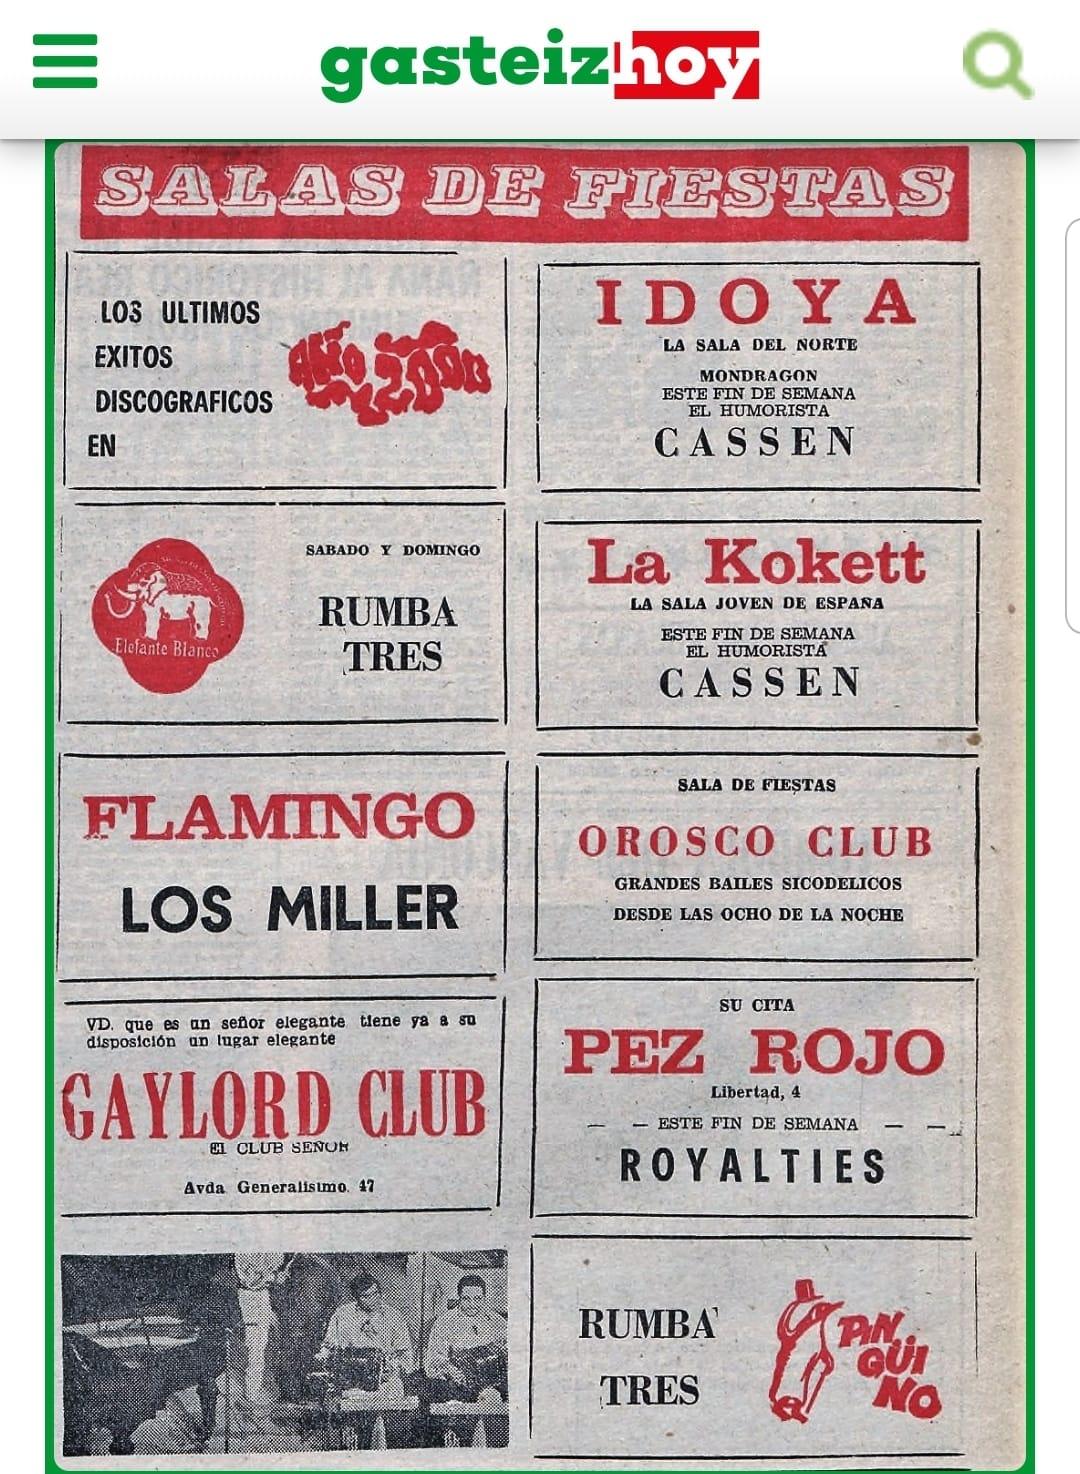 """¿Sabías que en Vitoria existió un """"Club de señores"""" llamado GAYLORD CLUB?"""